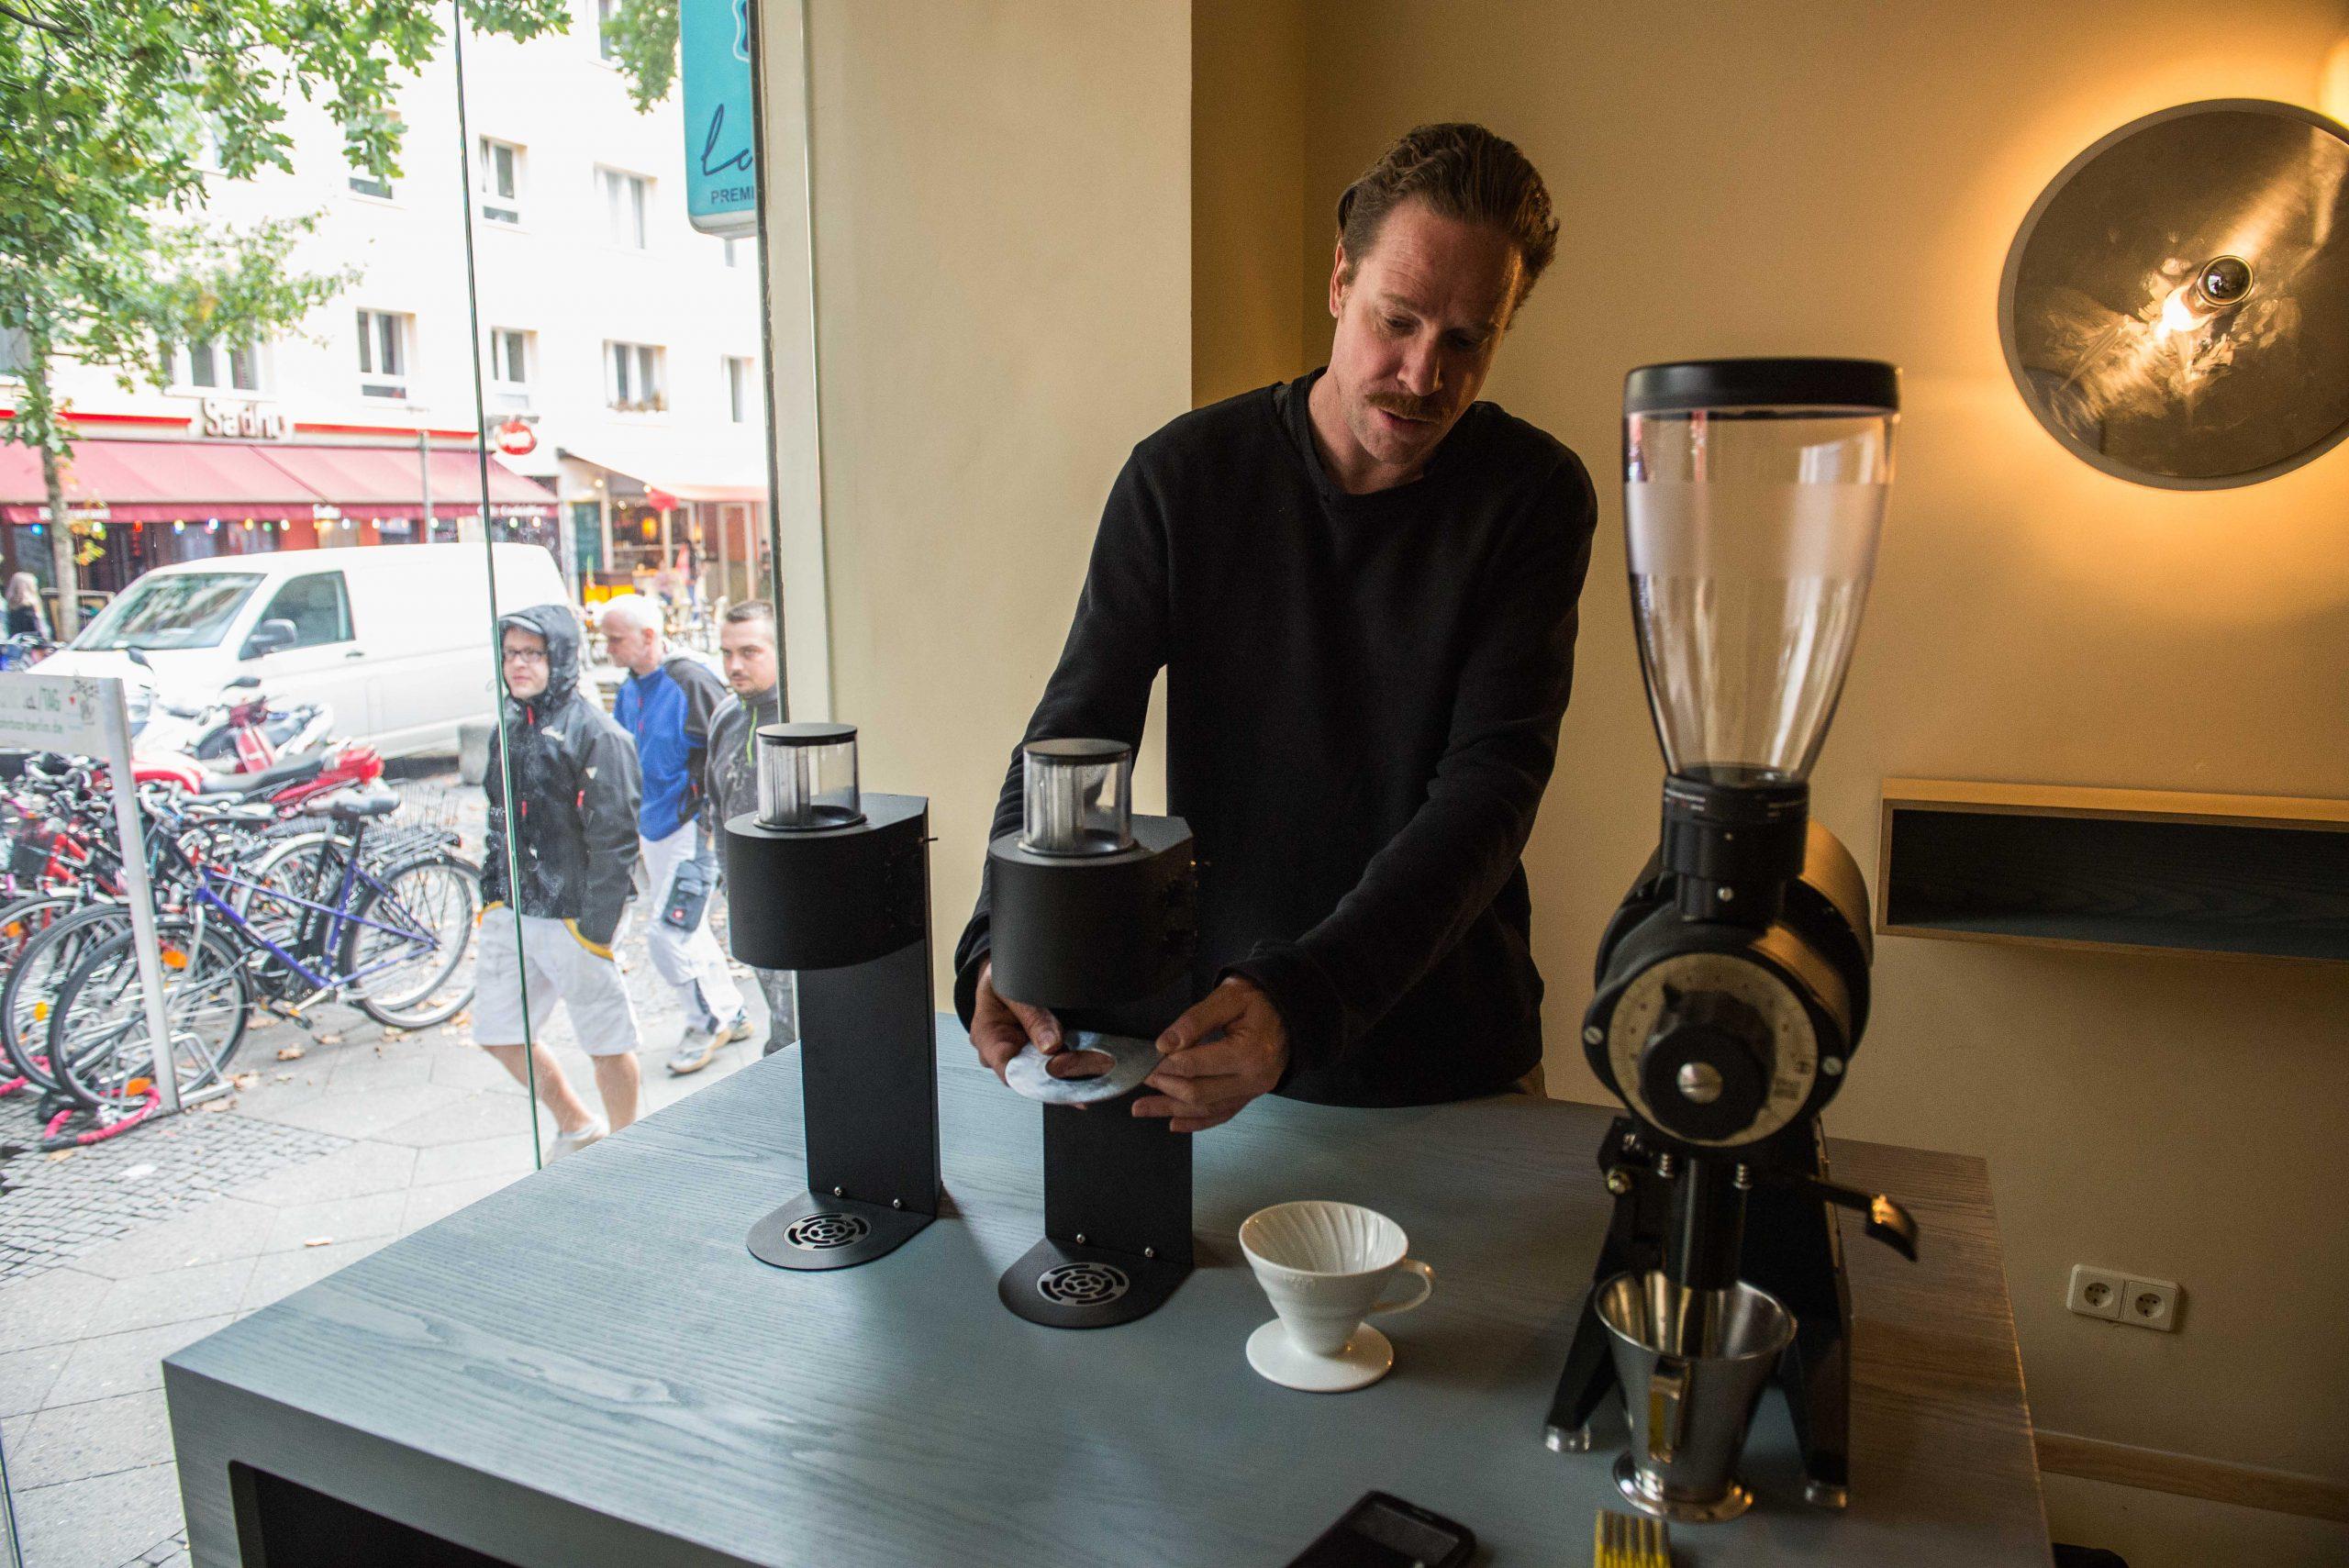 'Iedere wijn proeft anders en dat hoort bij koffie ook zo te zijn' Foto: Pieter Heijboer